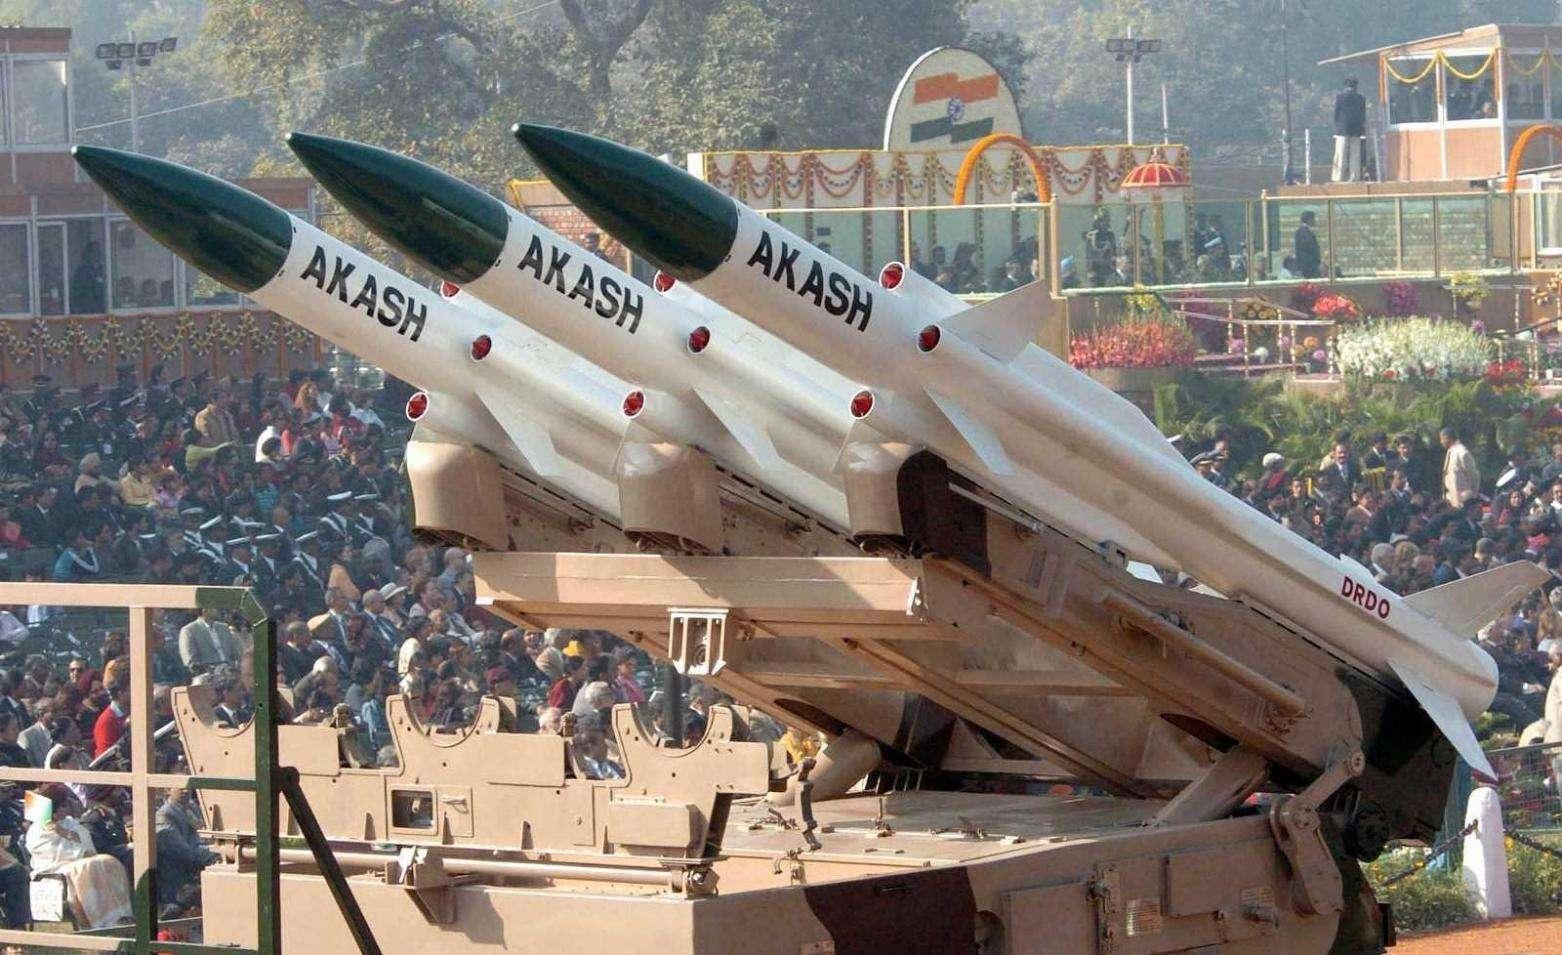 俄羅斯也很難做到,印度居然打破世界紀錄!真正實力已開始爆發-圖4